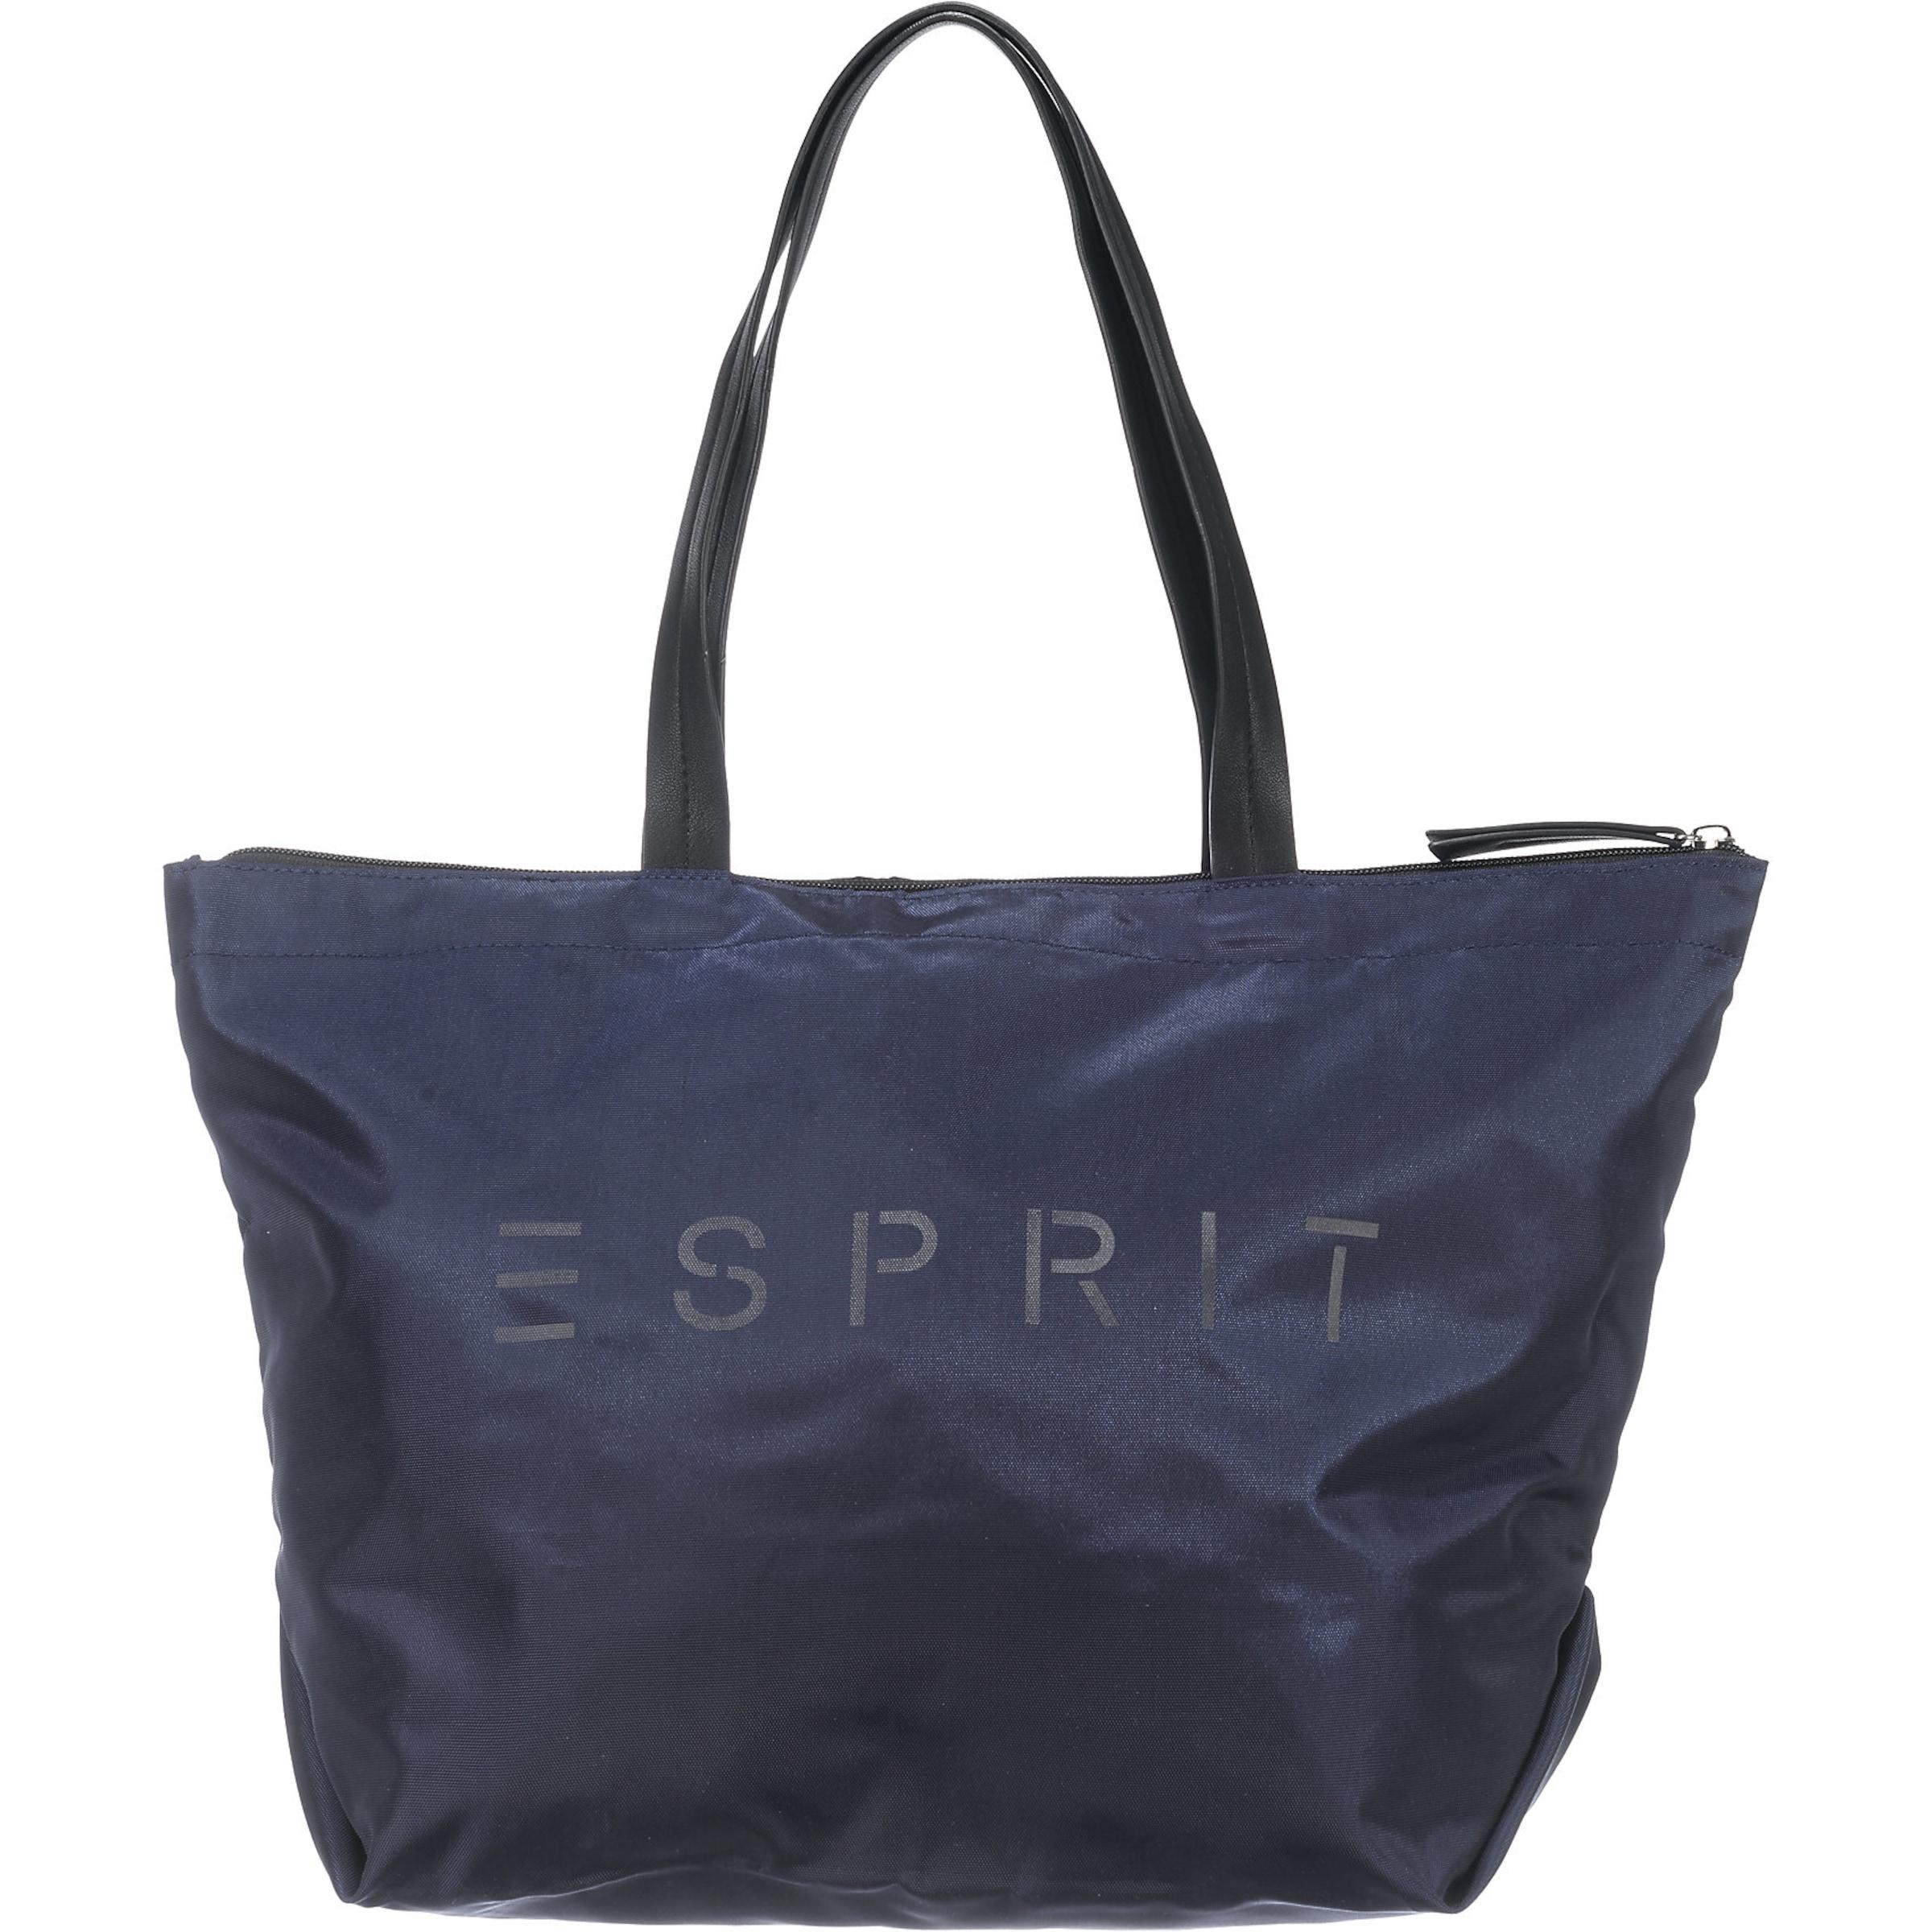 ESPRIT Shopper Sast Zum Verkauf Der Günstigste Günstige Preis w0NgRS0